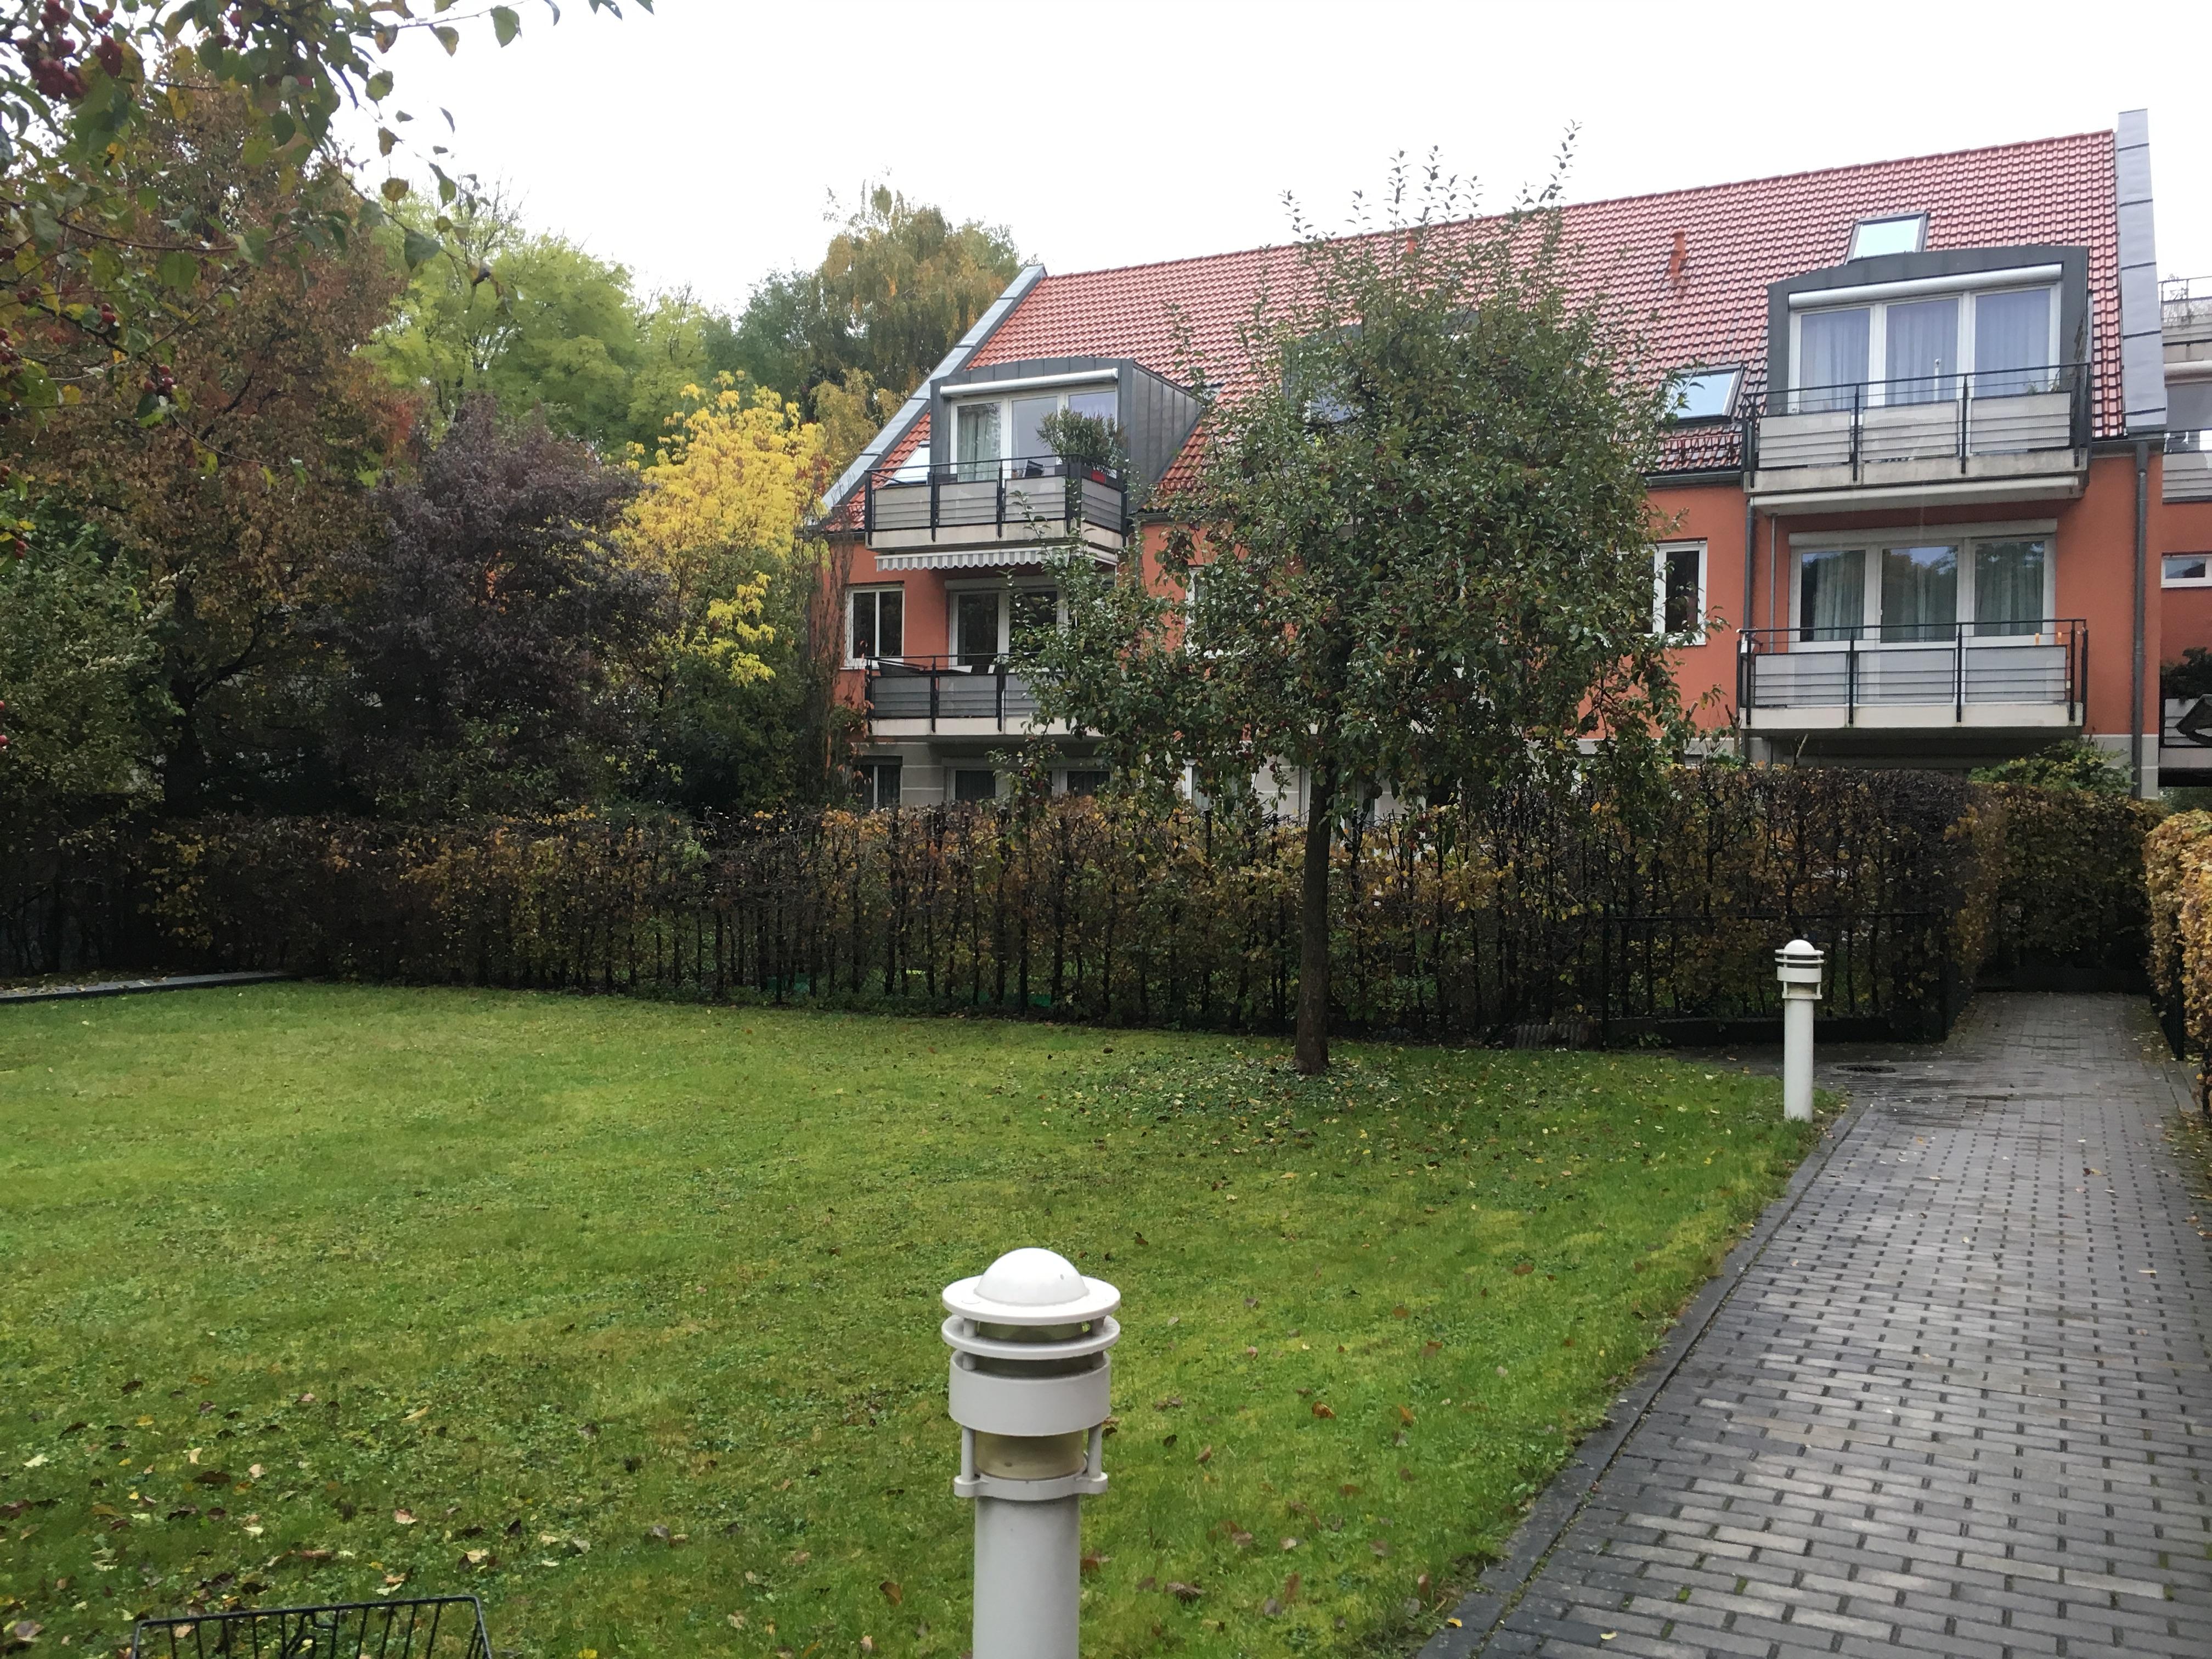 Pelkovenstr. 85-91 in München-Mossach